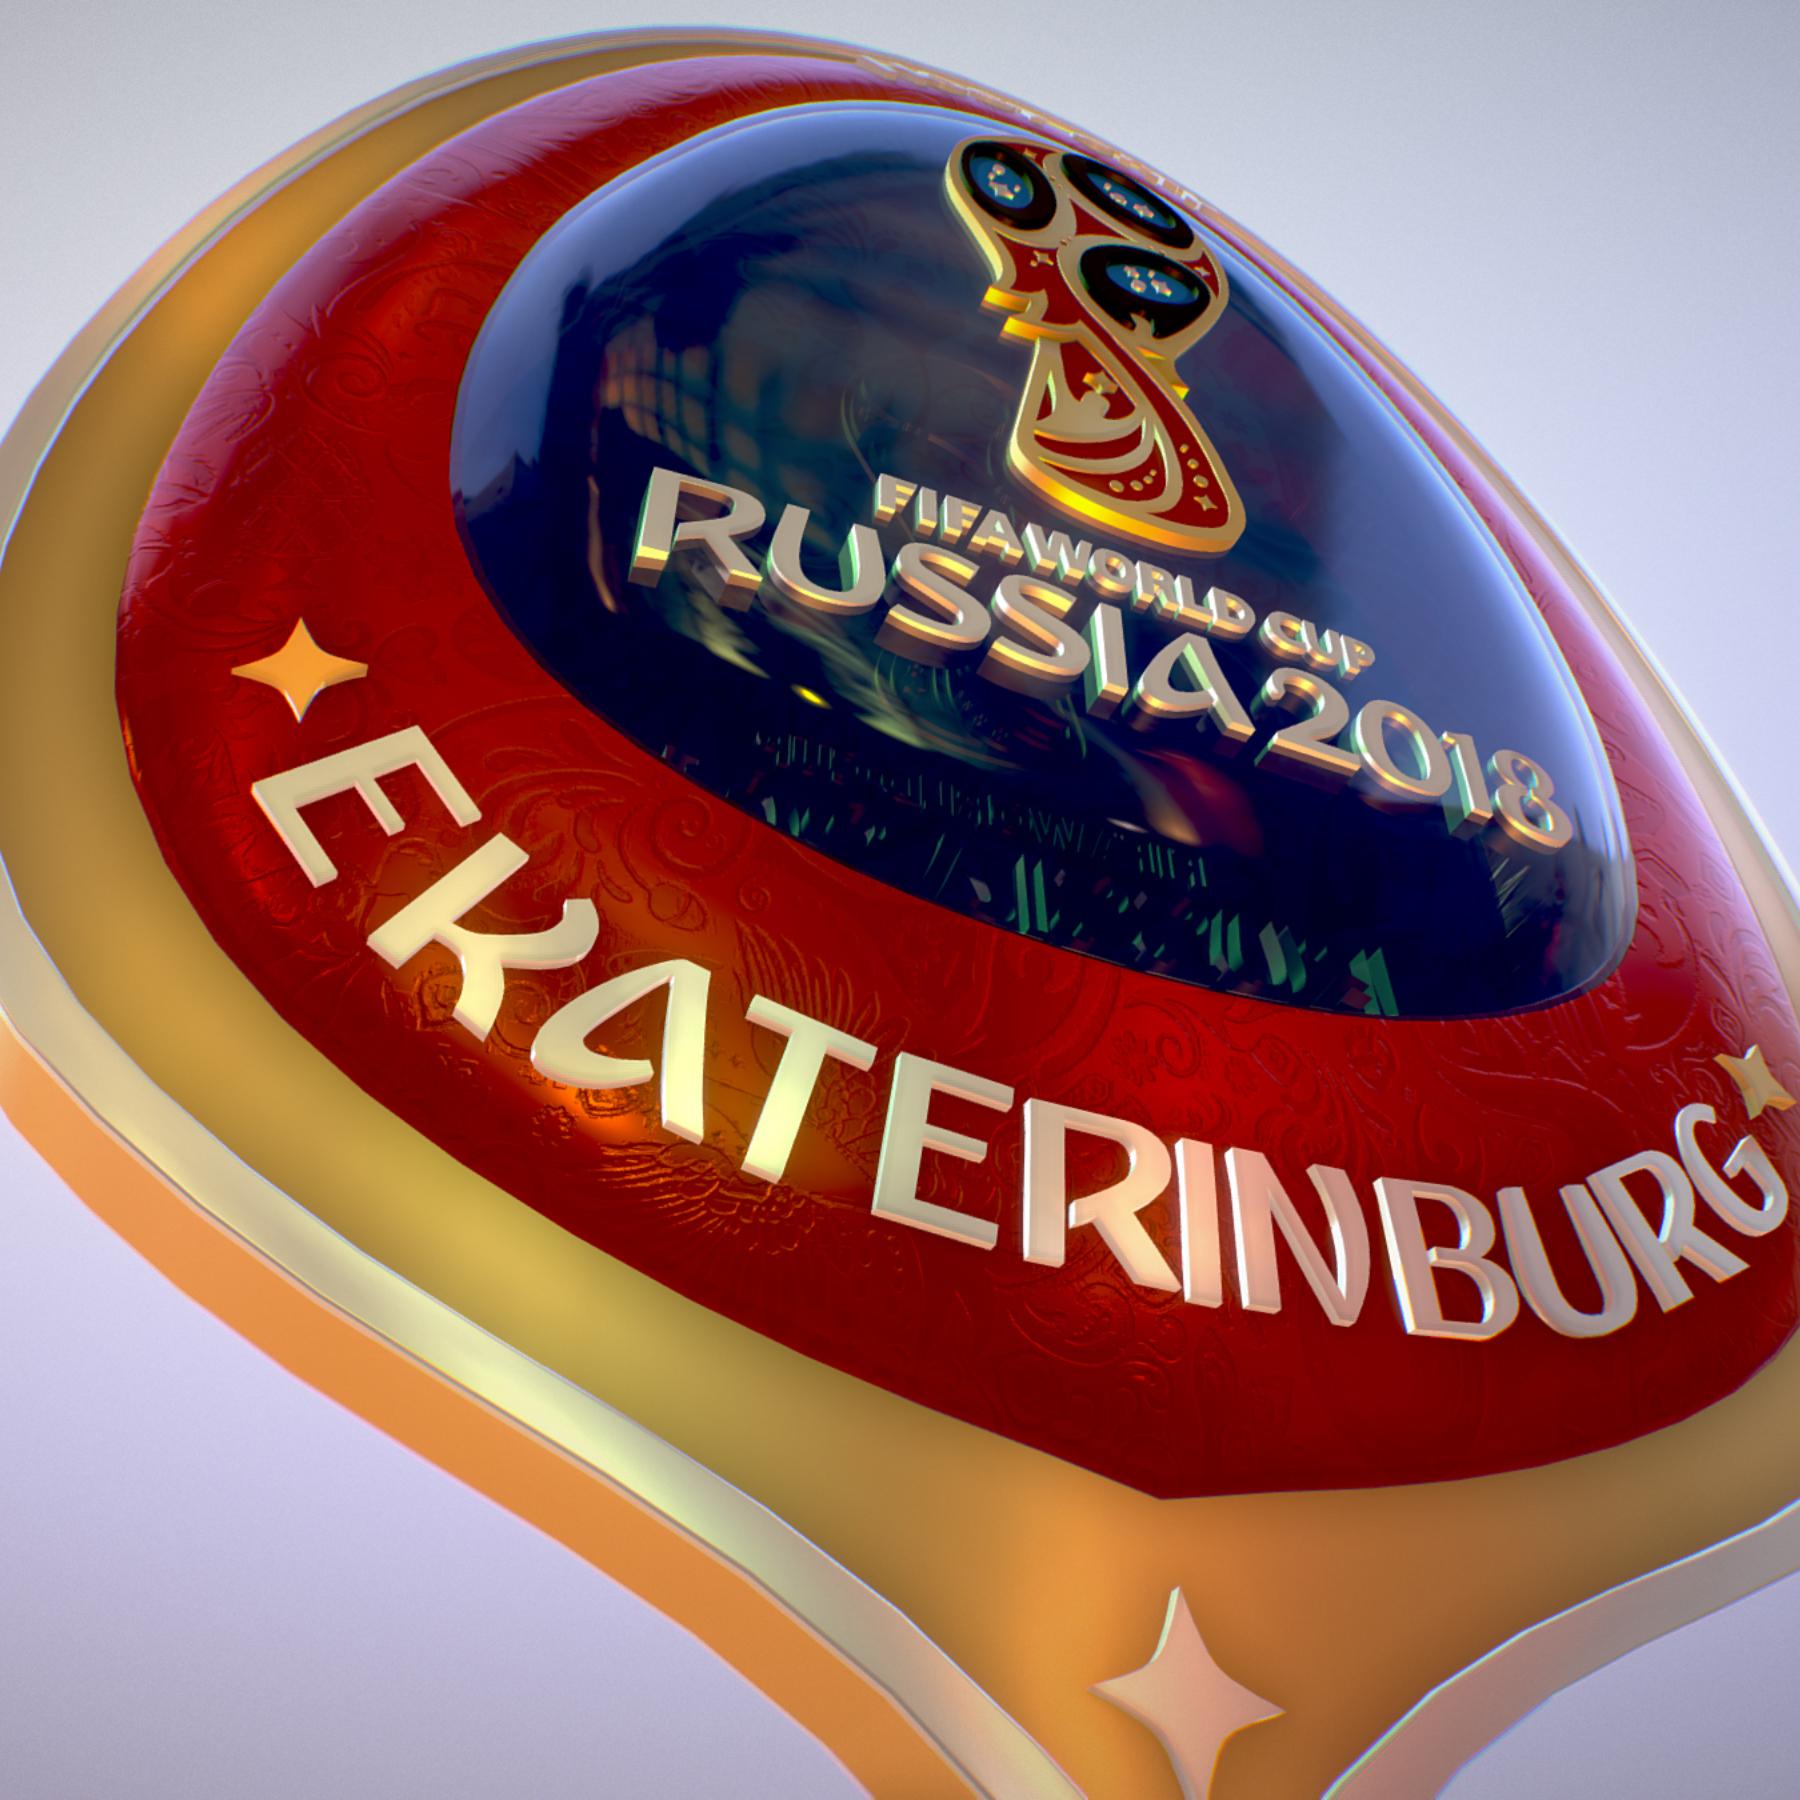 ekaterinburg city world cup russia 2018 symbol 3d model max  fbx jpeg jpg ma mb obj 271741